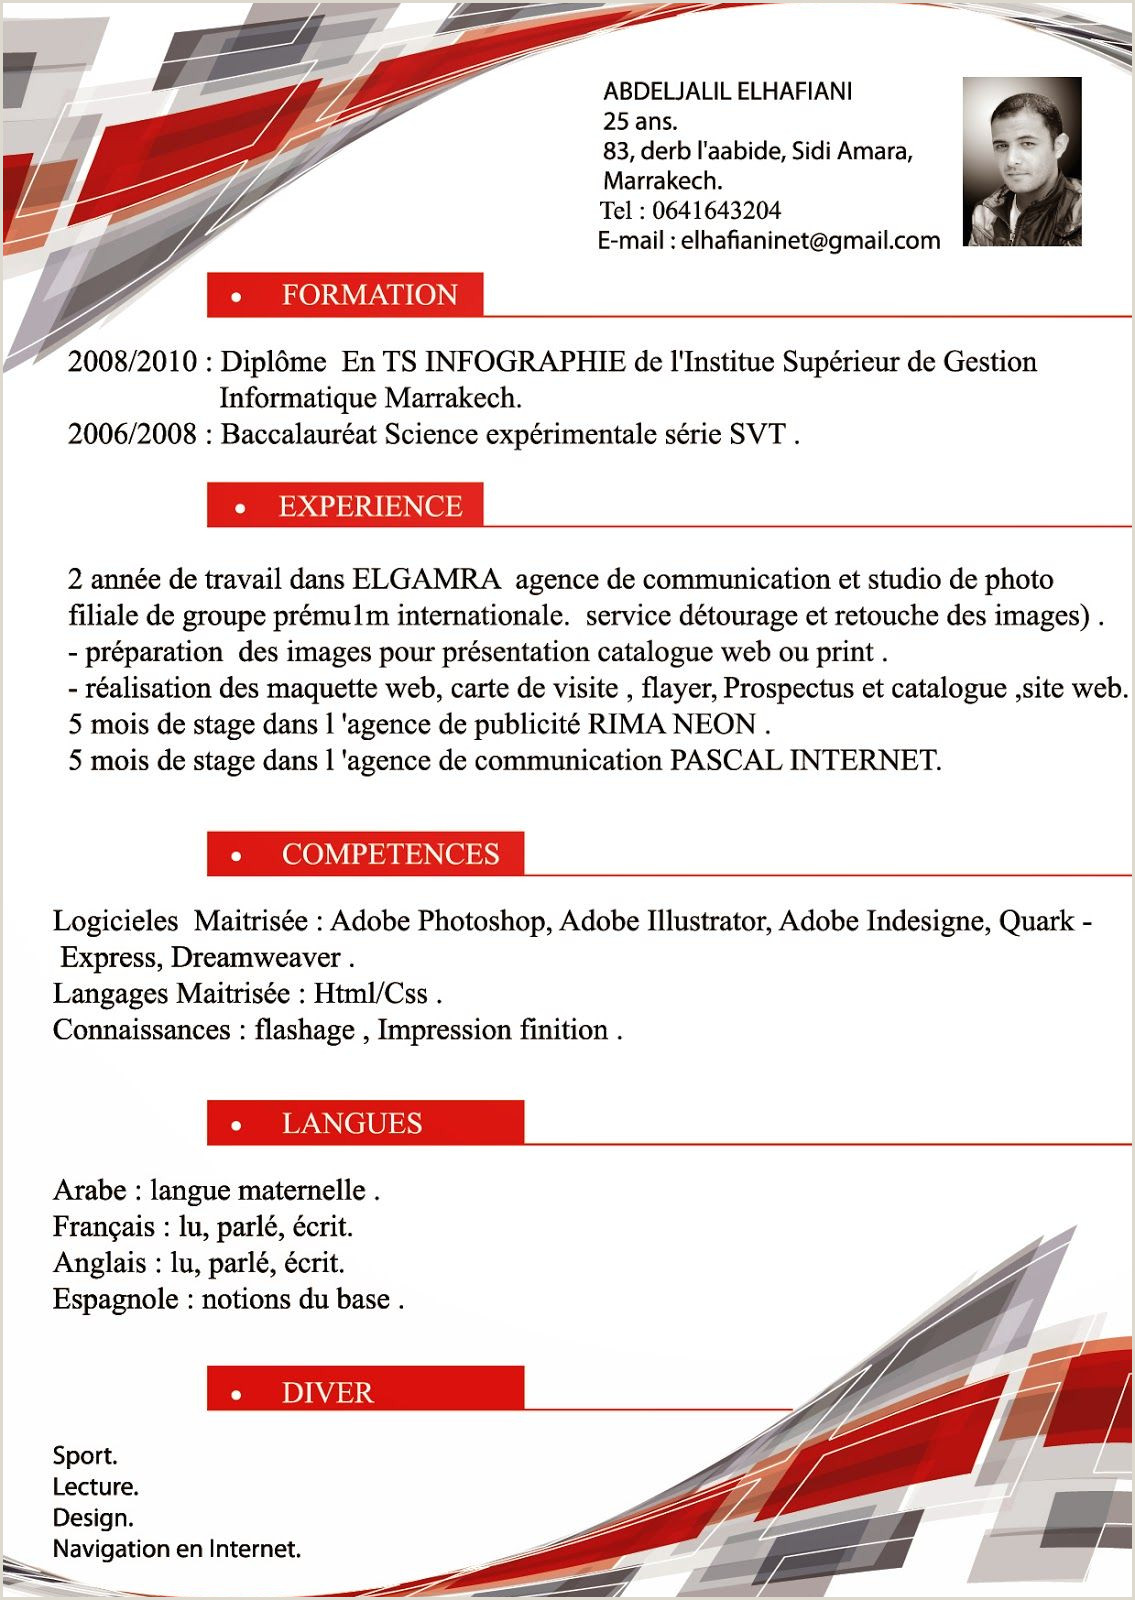 Exemple De Cv Suisse 2017 Mod¨le Cv Microsoft Word Lq89